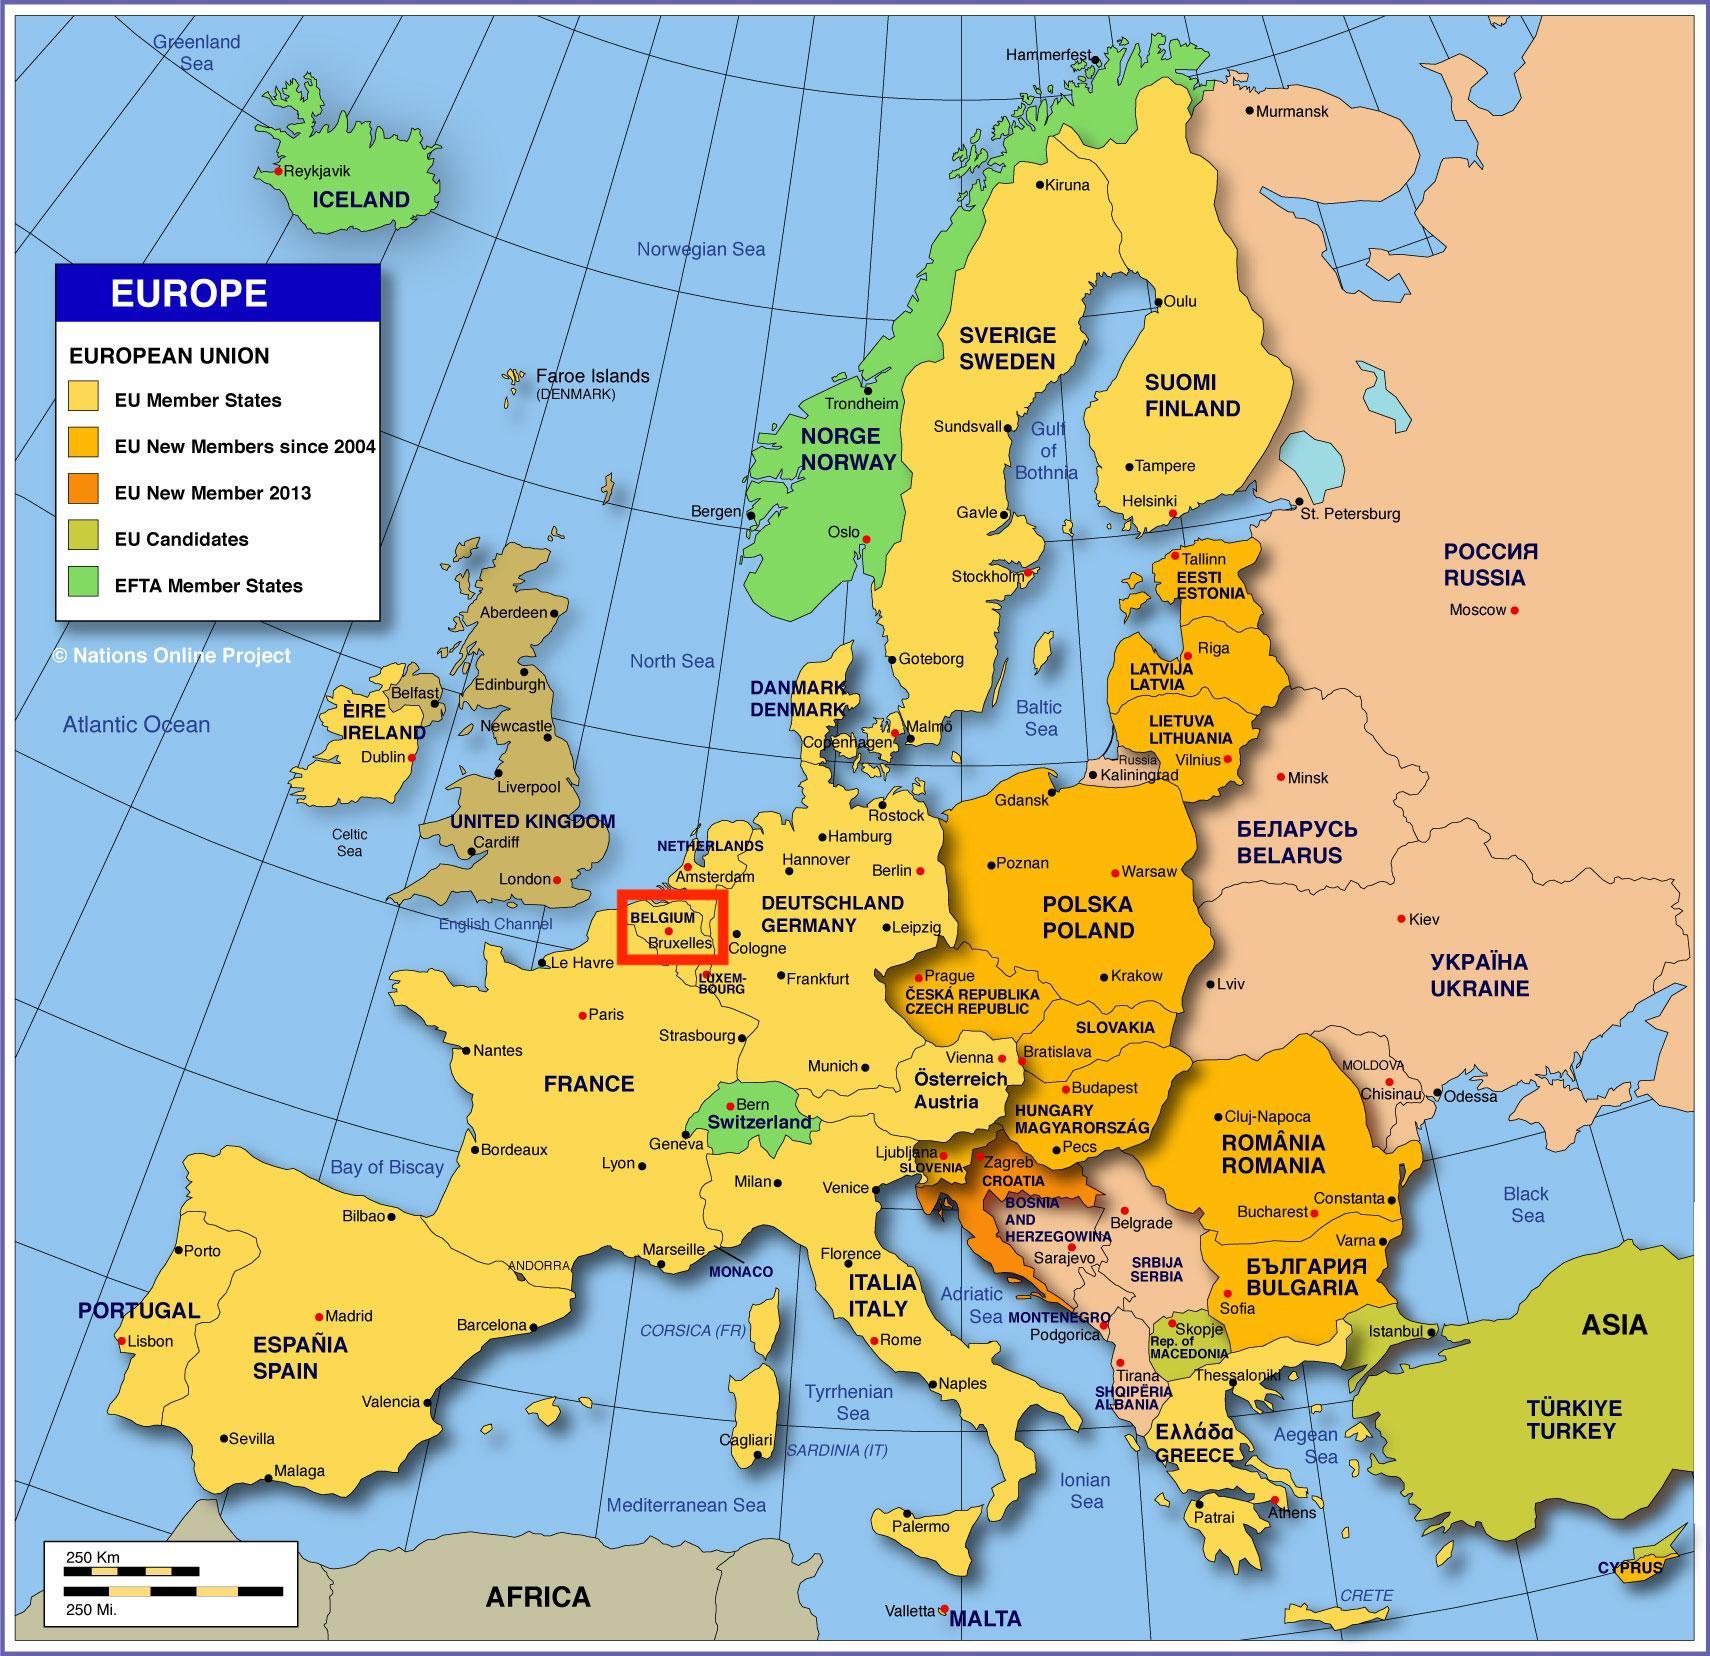 Bruxelles mappa delleuropa Cartina delleuropa mostrando